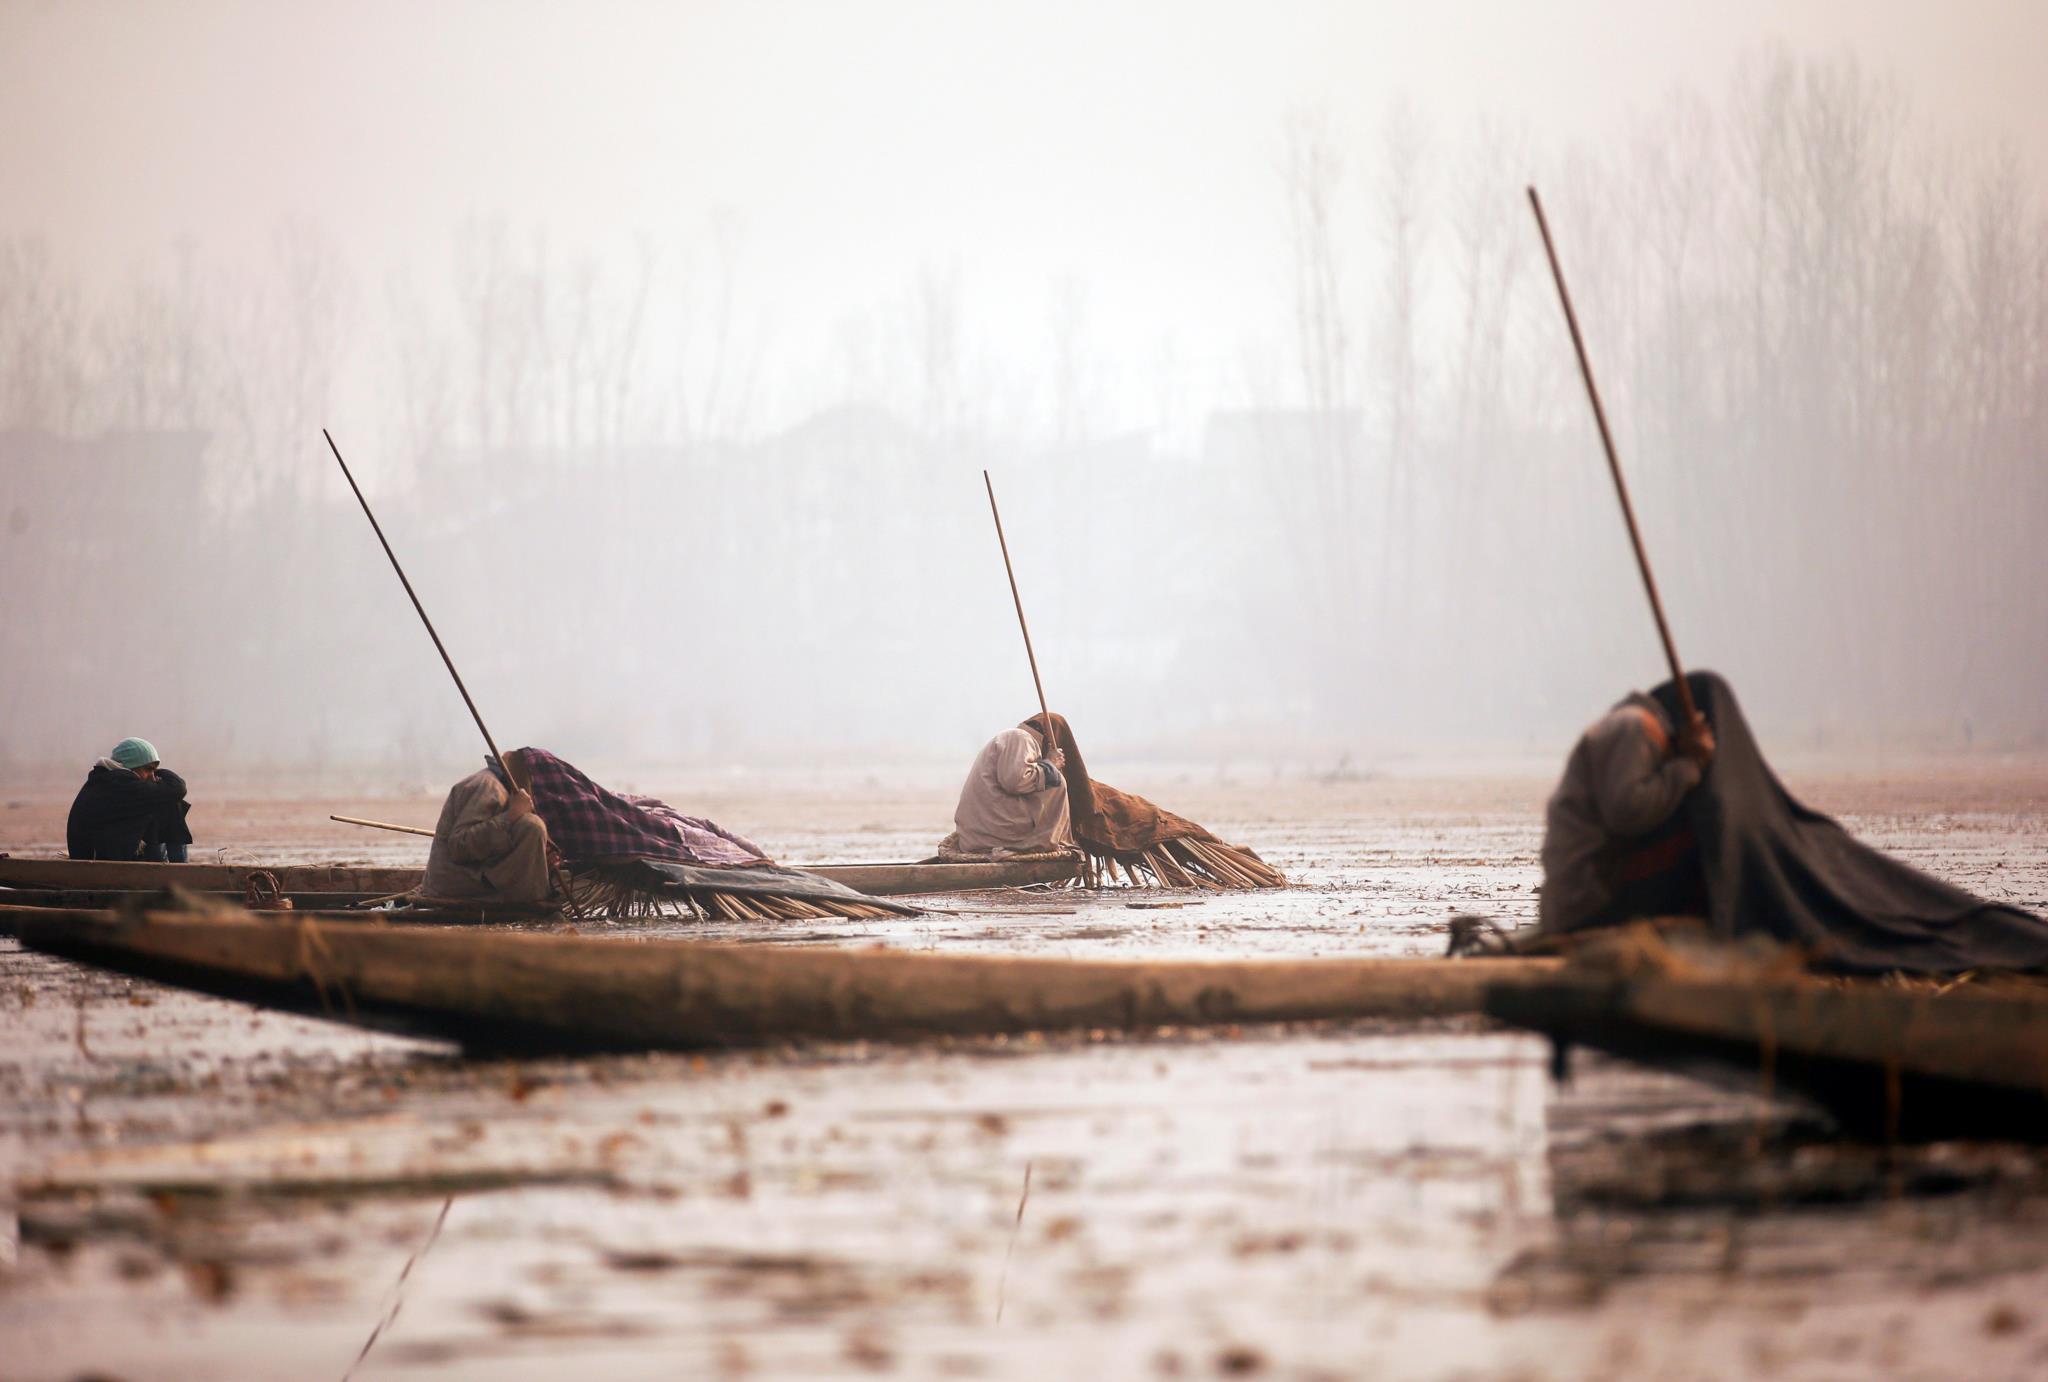 Pescadores cobrem o seu corpo e parte do barco com cobertores e palha enquanto esperam que os peixes apareçam, em Srinagar, Índia